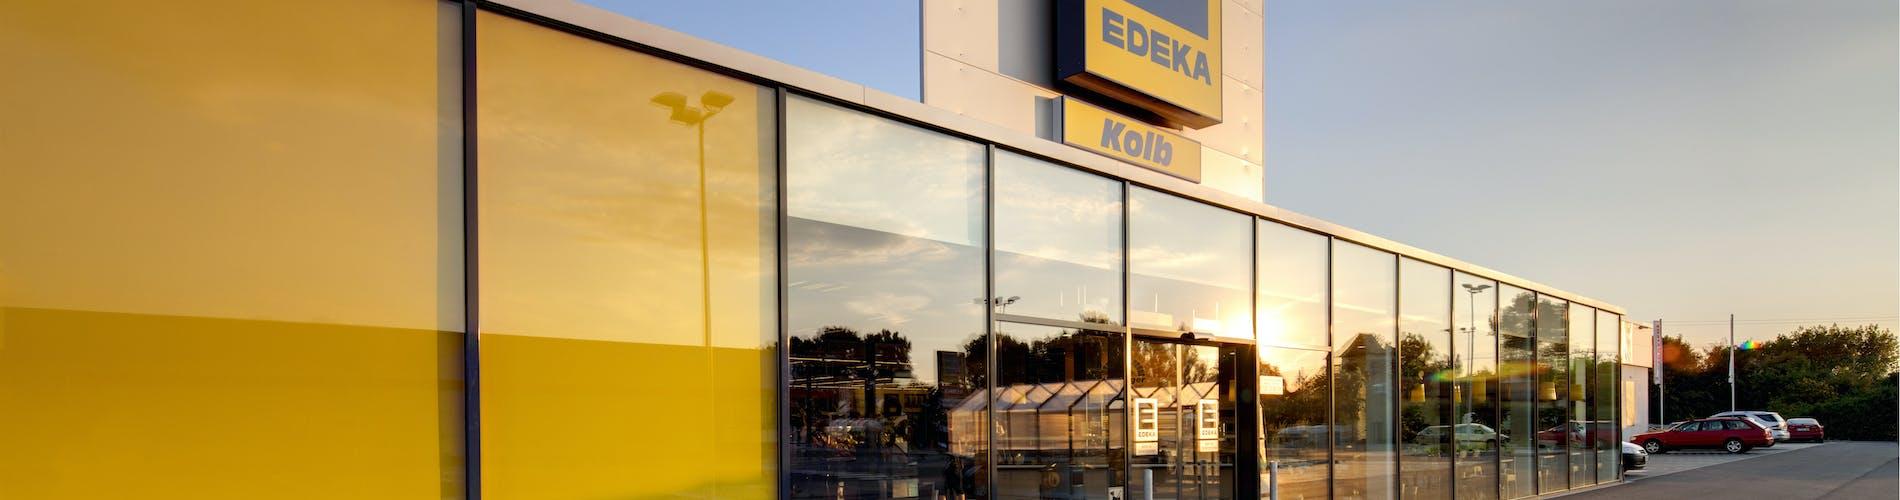 EDEKA Markt im Sonnenlicht